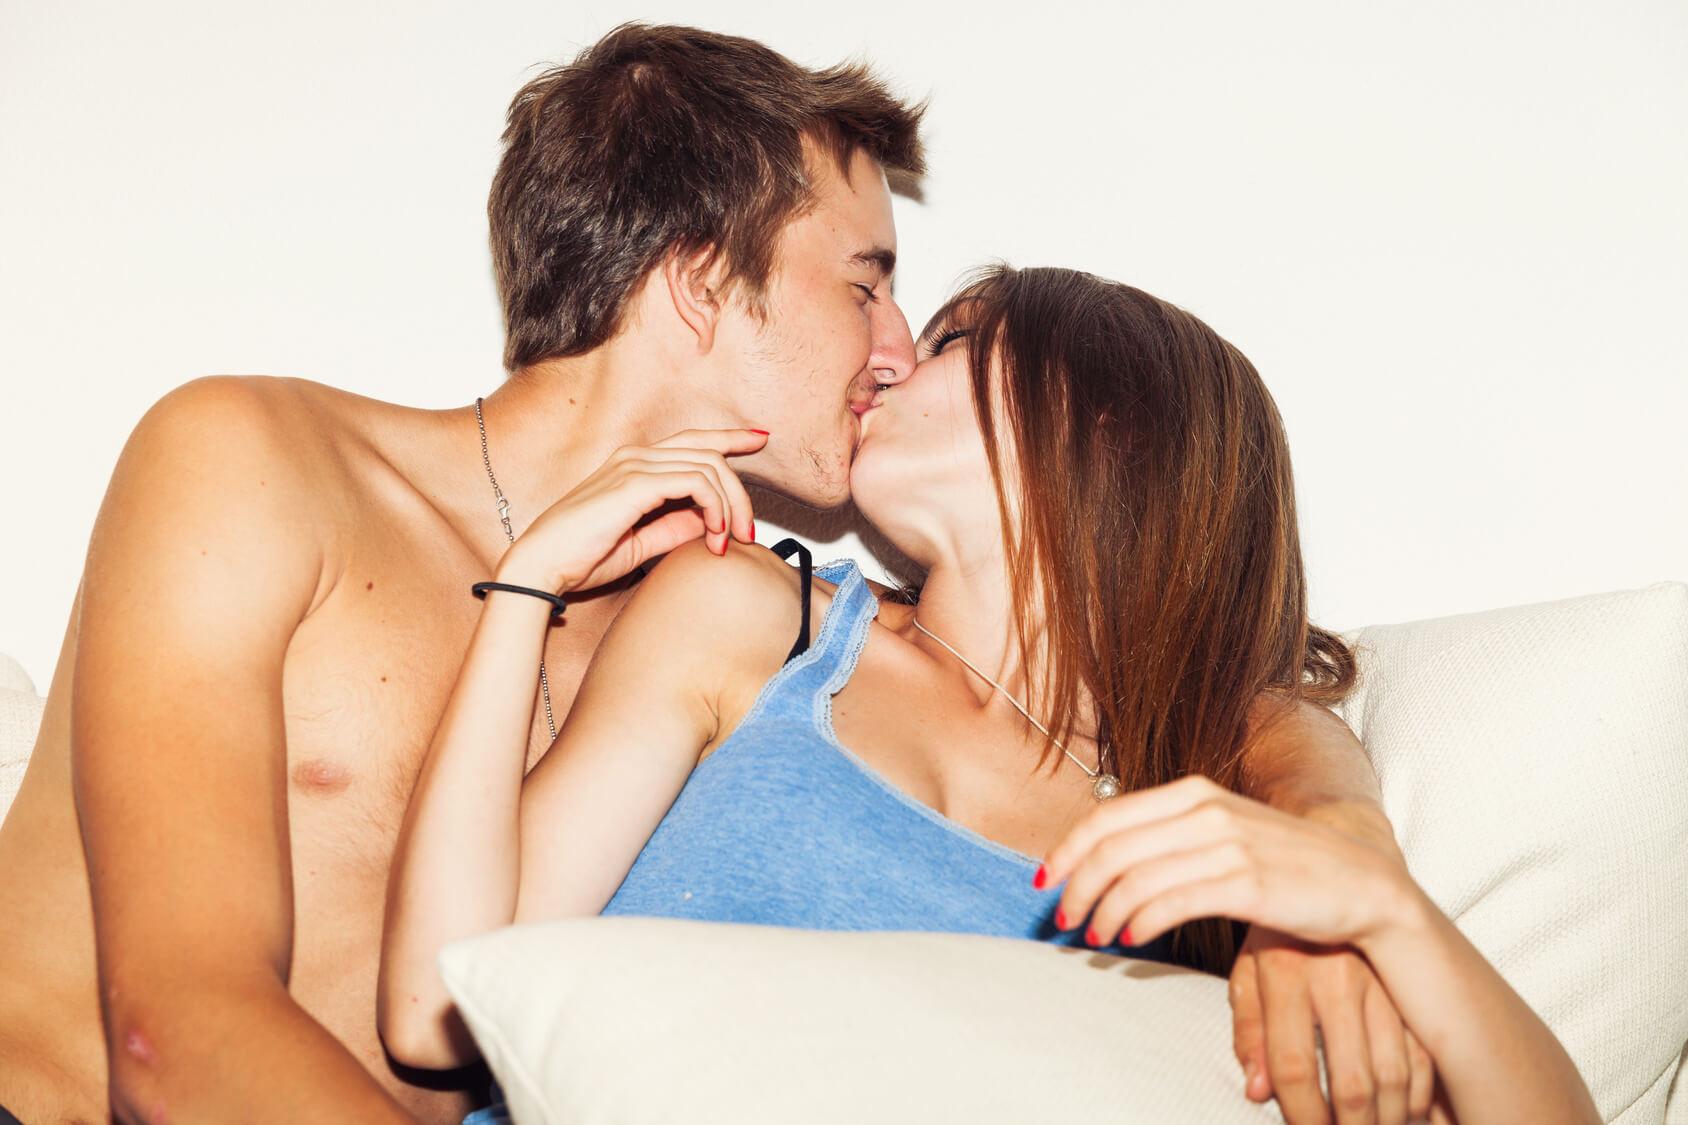 La trampa del sexo por Raul Padilla